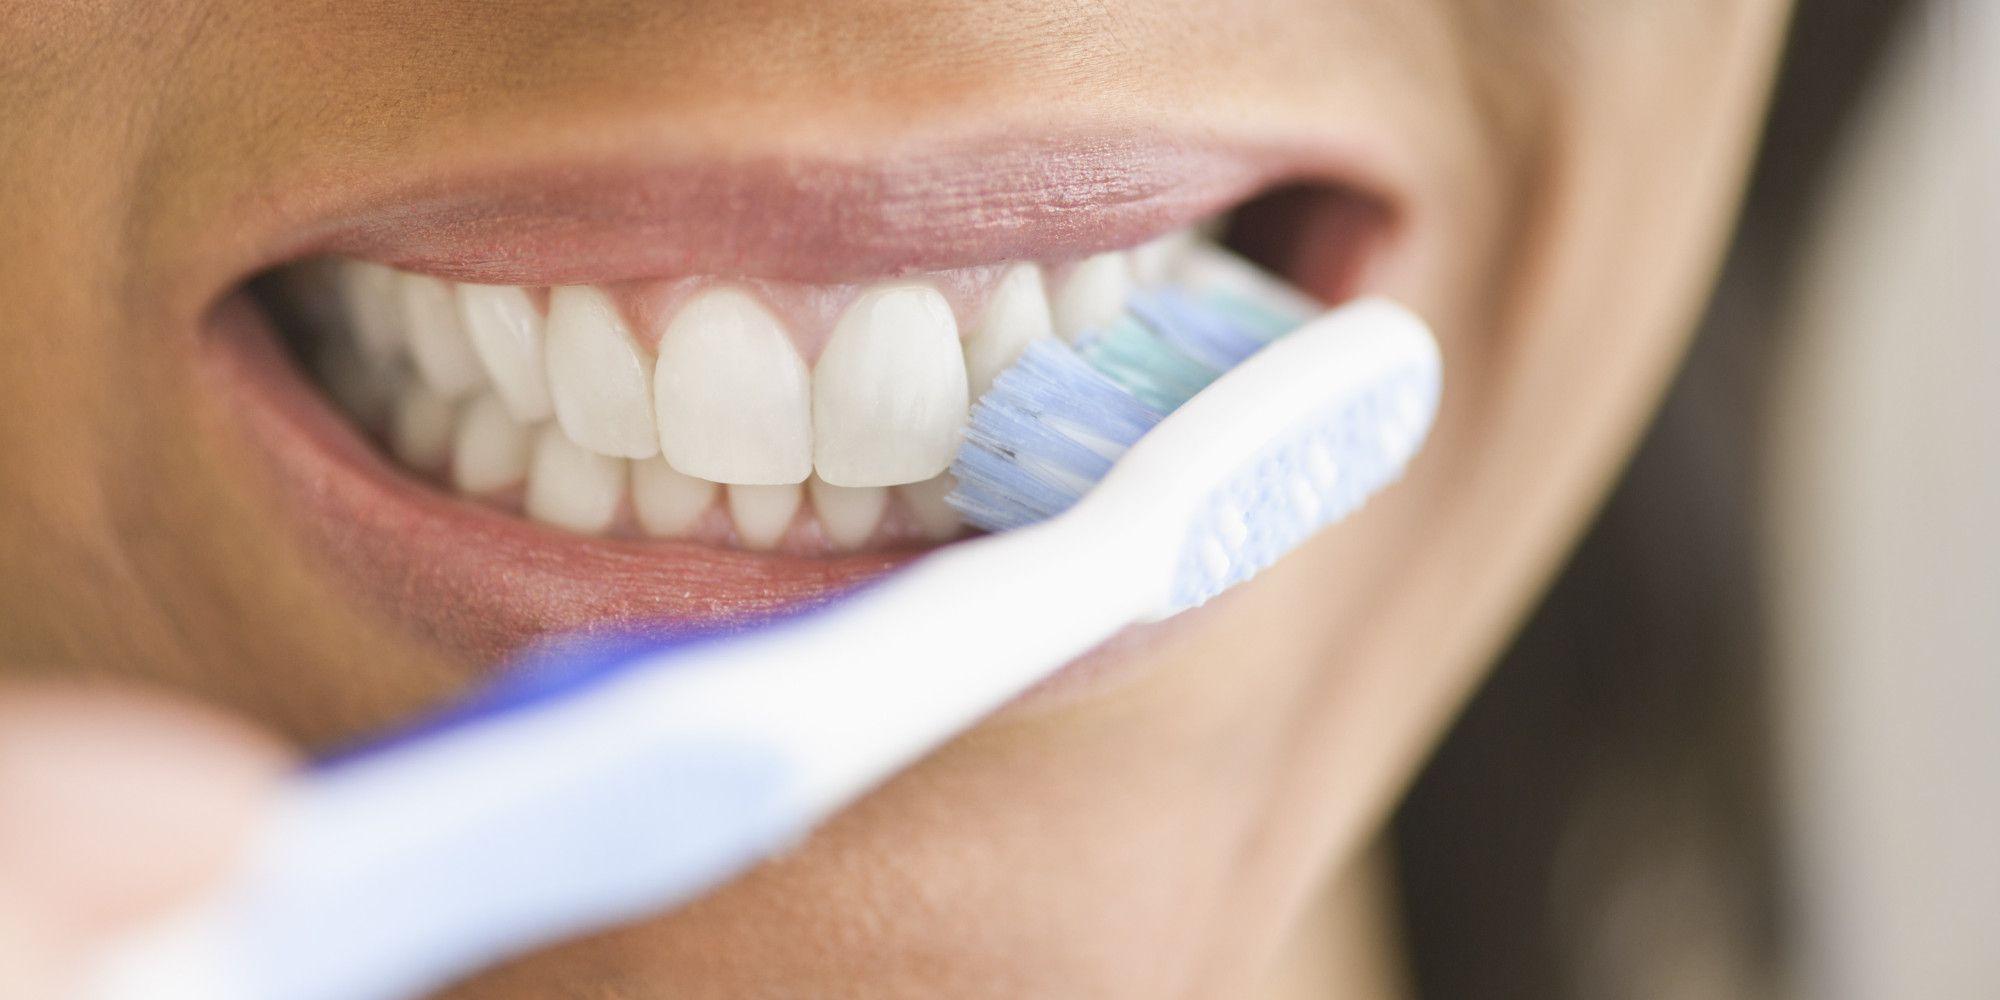 kak-lechit-chuvstvitelnost-zubov